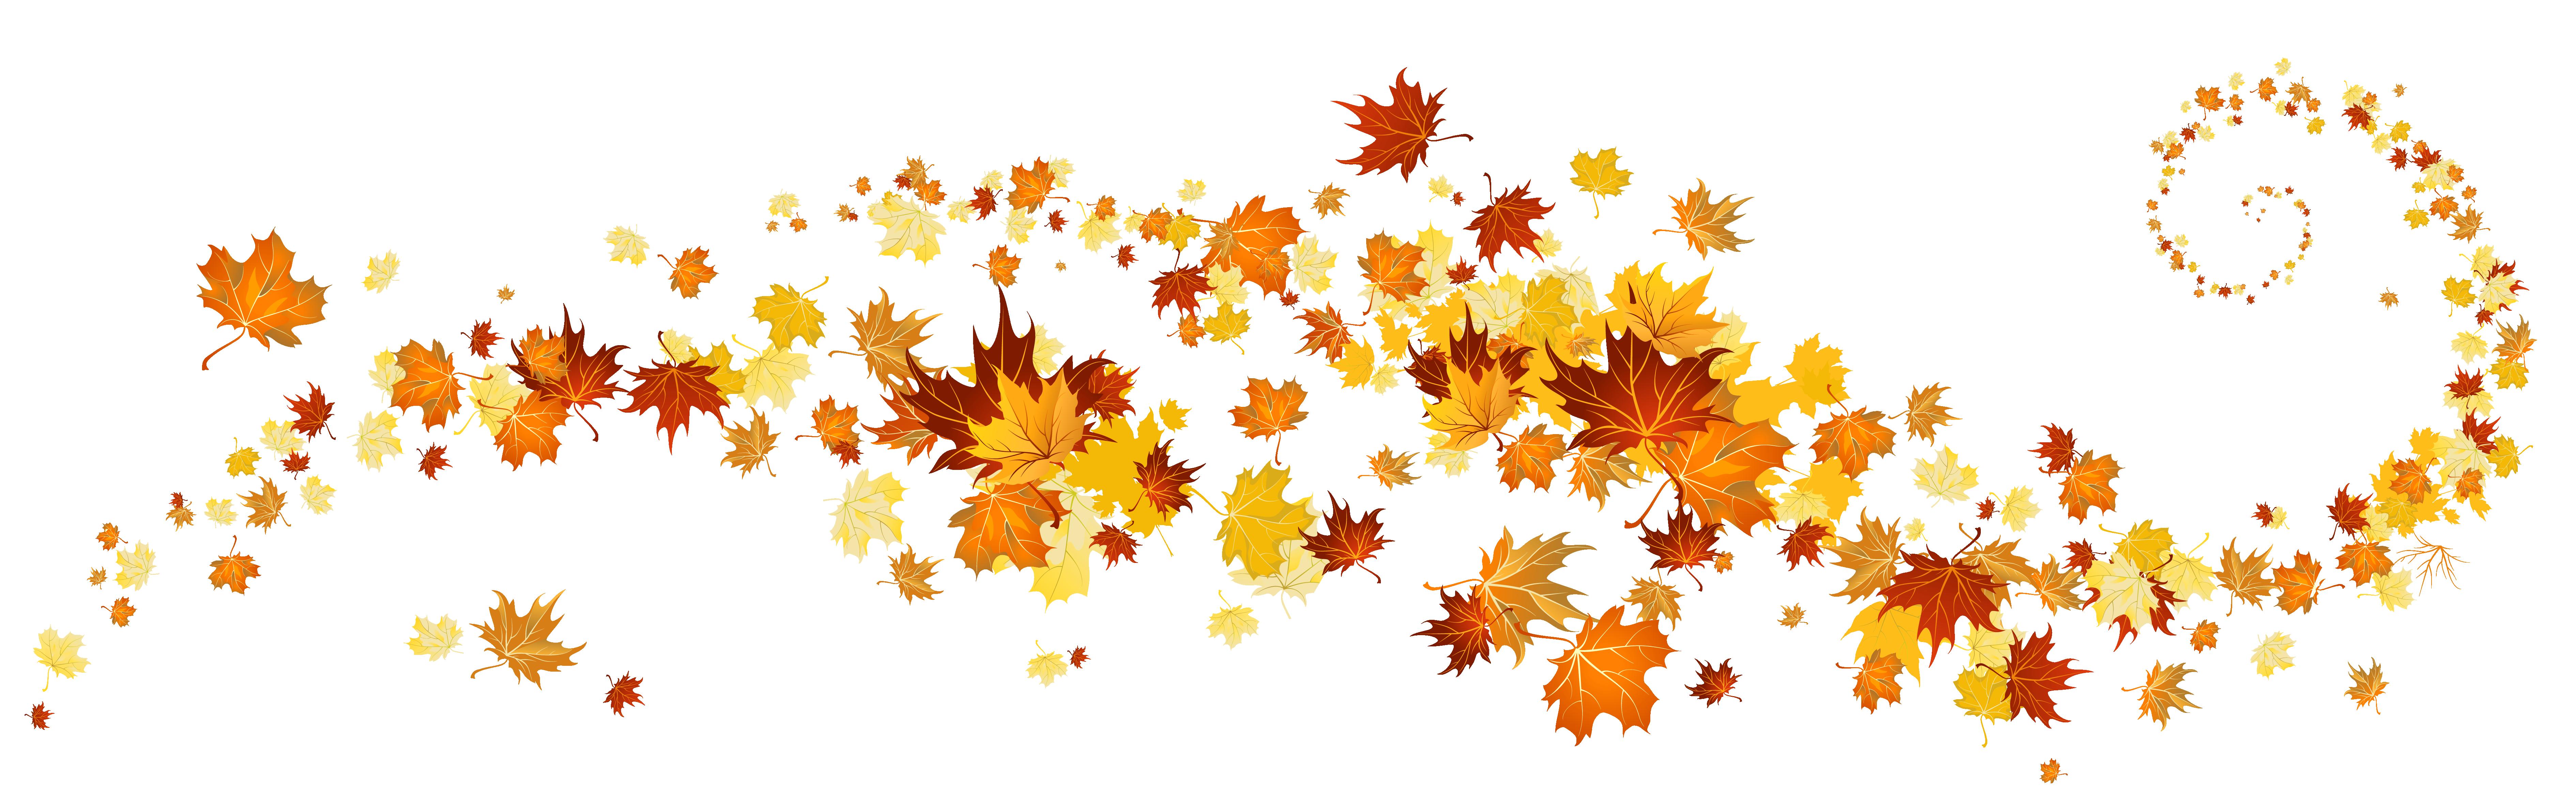 Fall Leaves Clip Art Free U0026 Fall Lea-Fall Leaves Clip Art Free u0026 Fall Leaves Clip Art Clip Art Images .-11